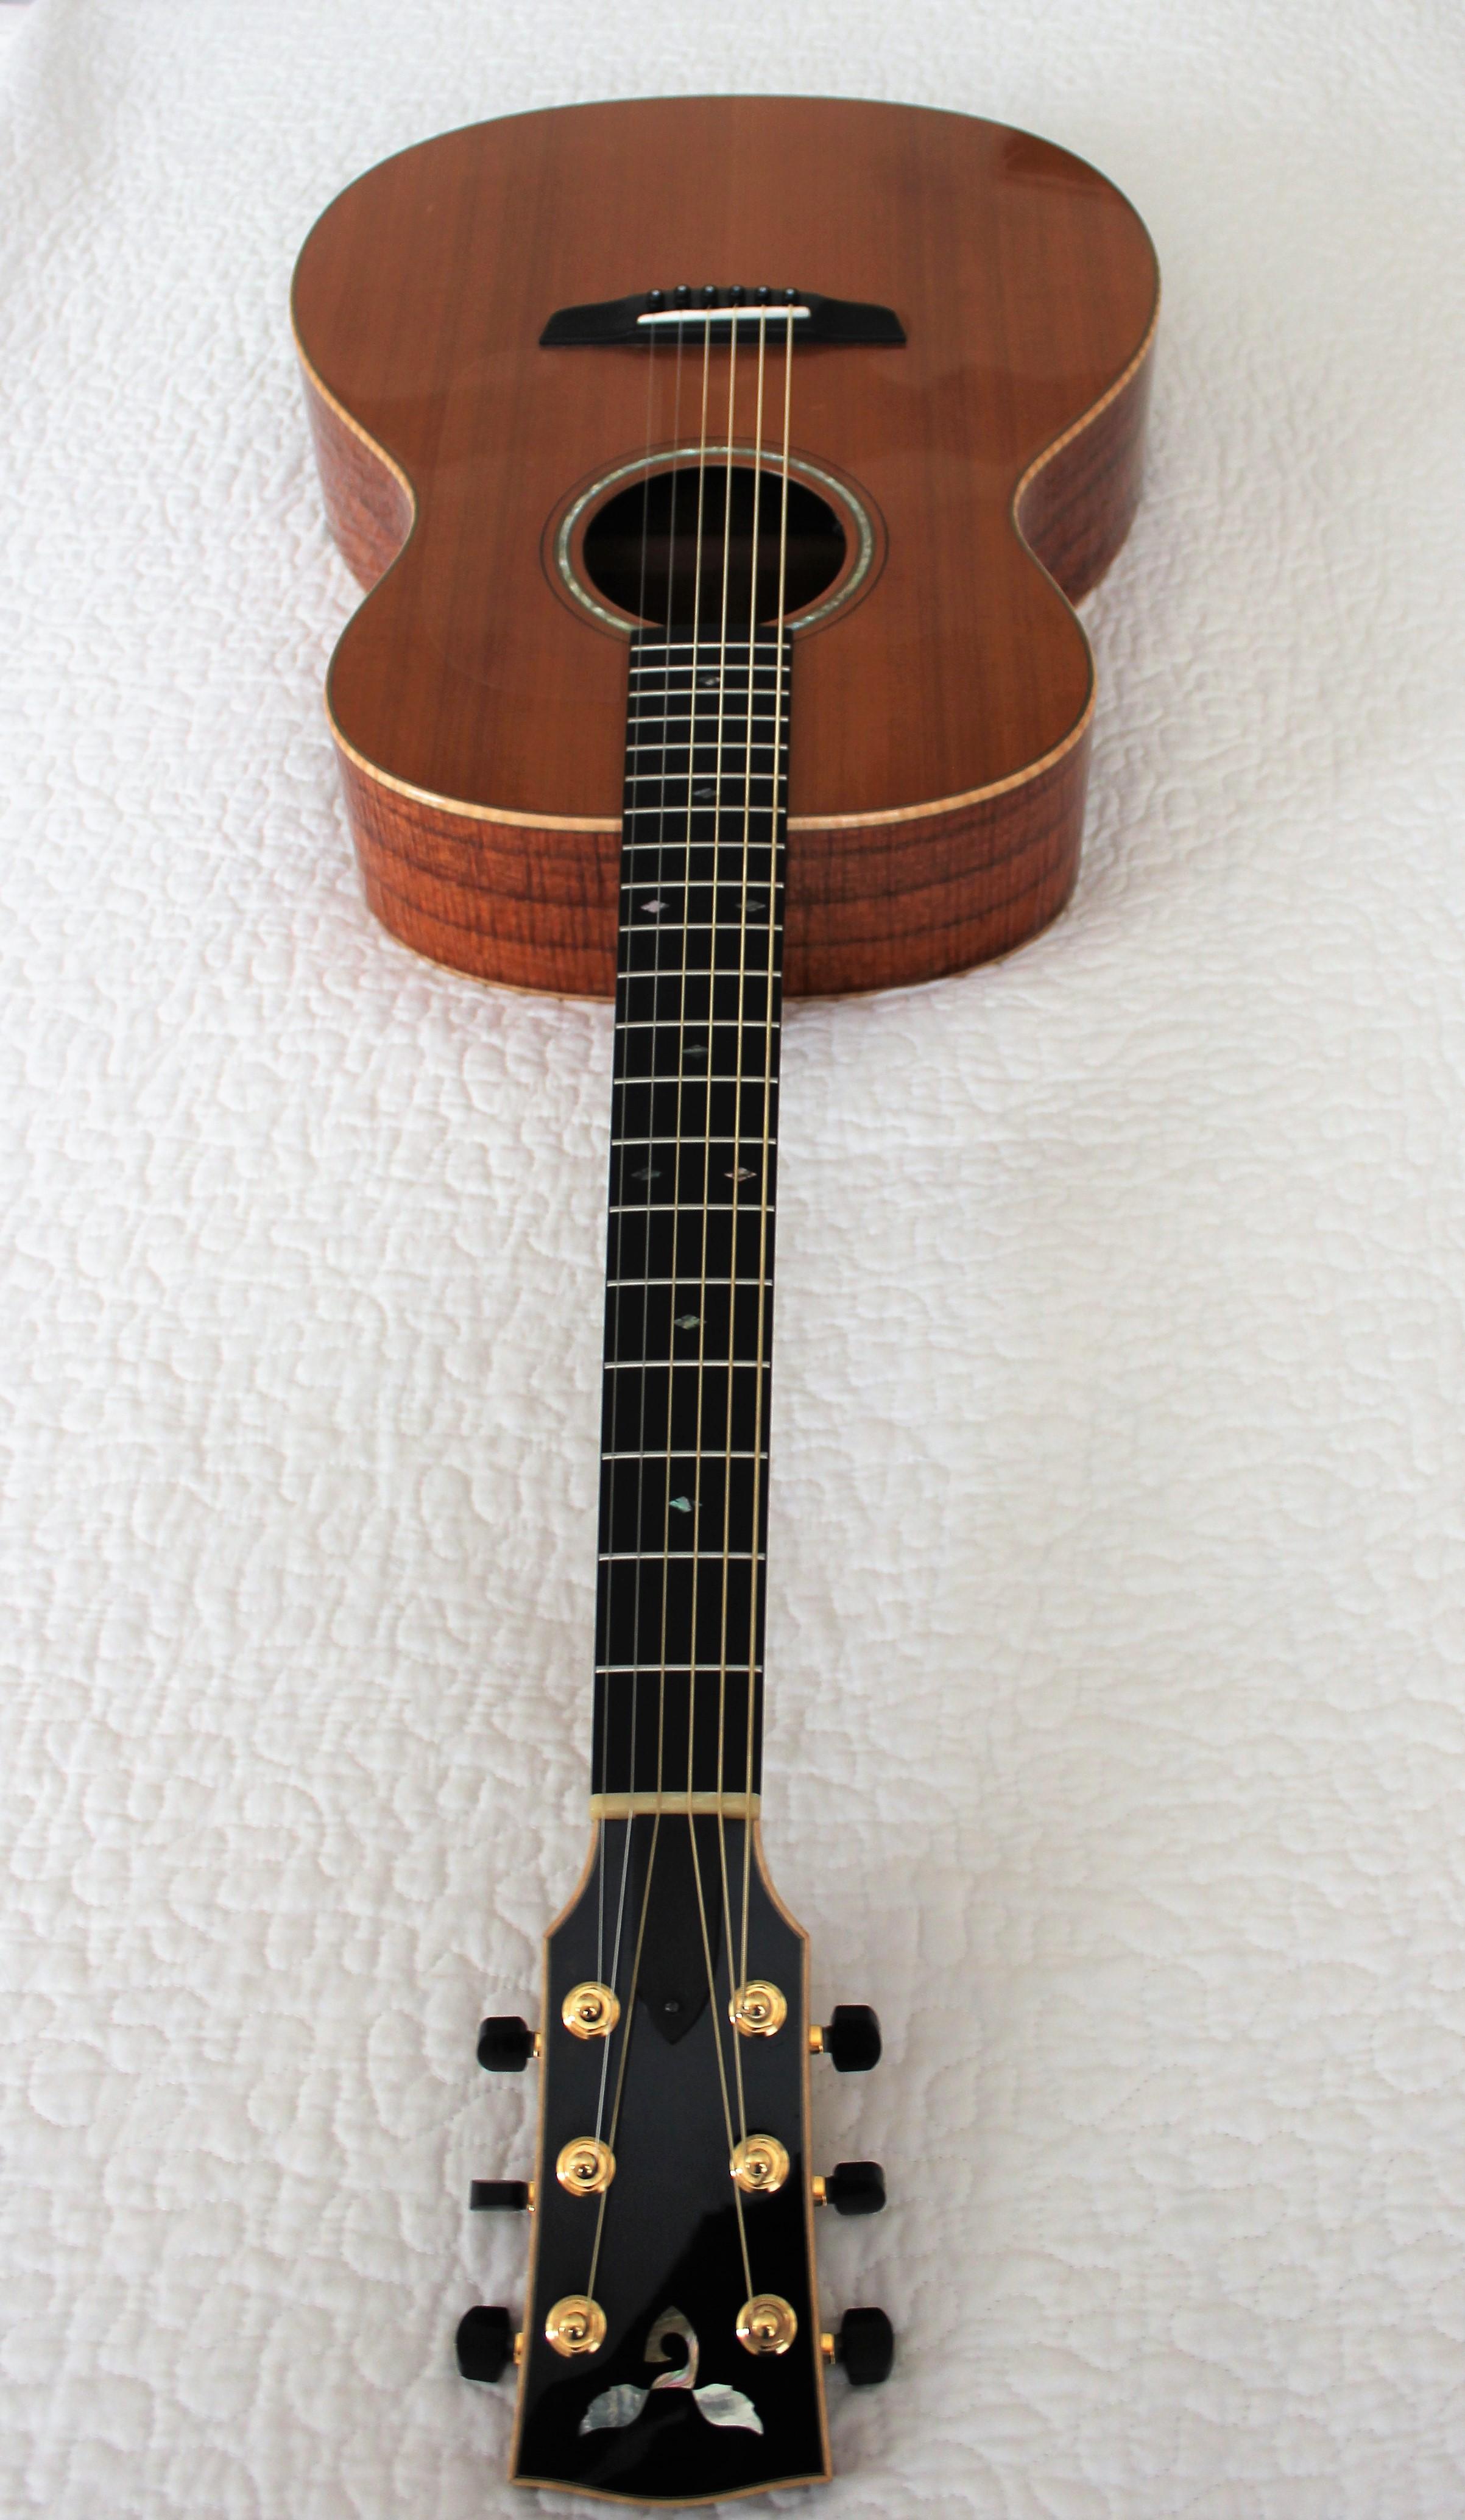 2003 Goodall Grand Concert guitar